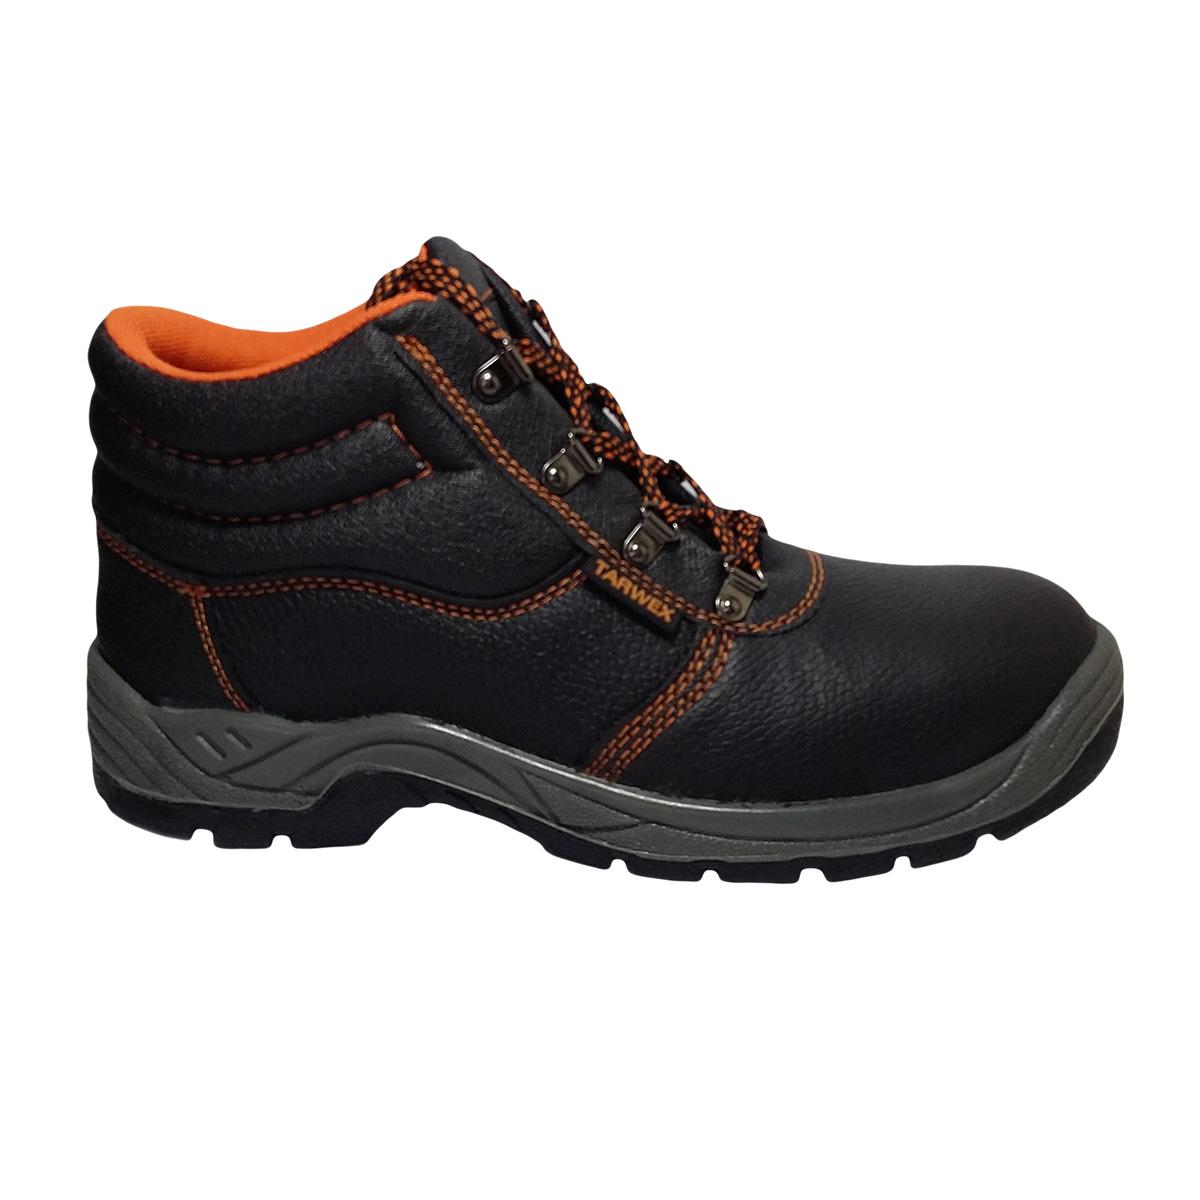 botas punta de acero seguridad industrial